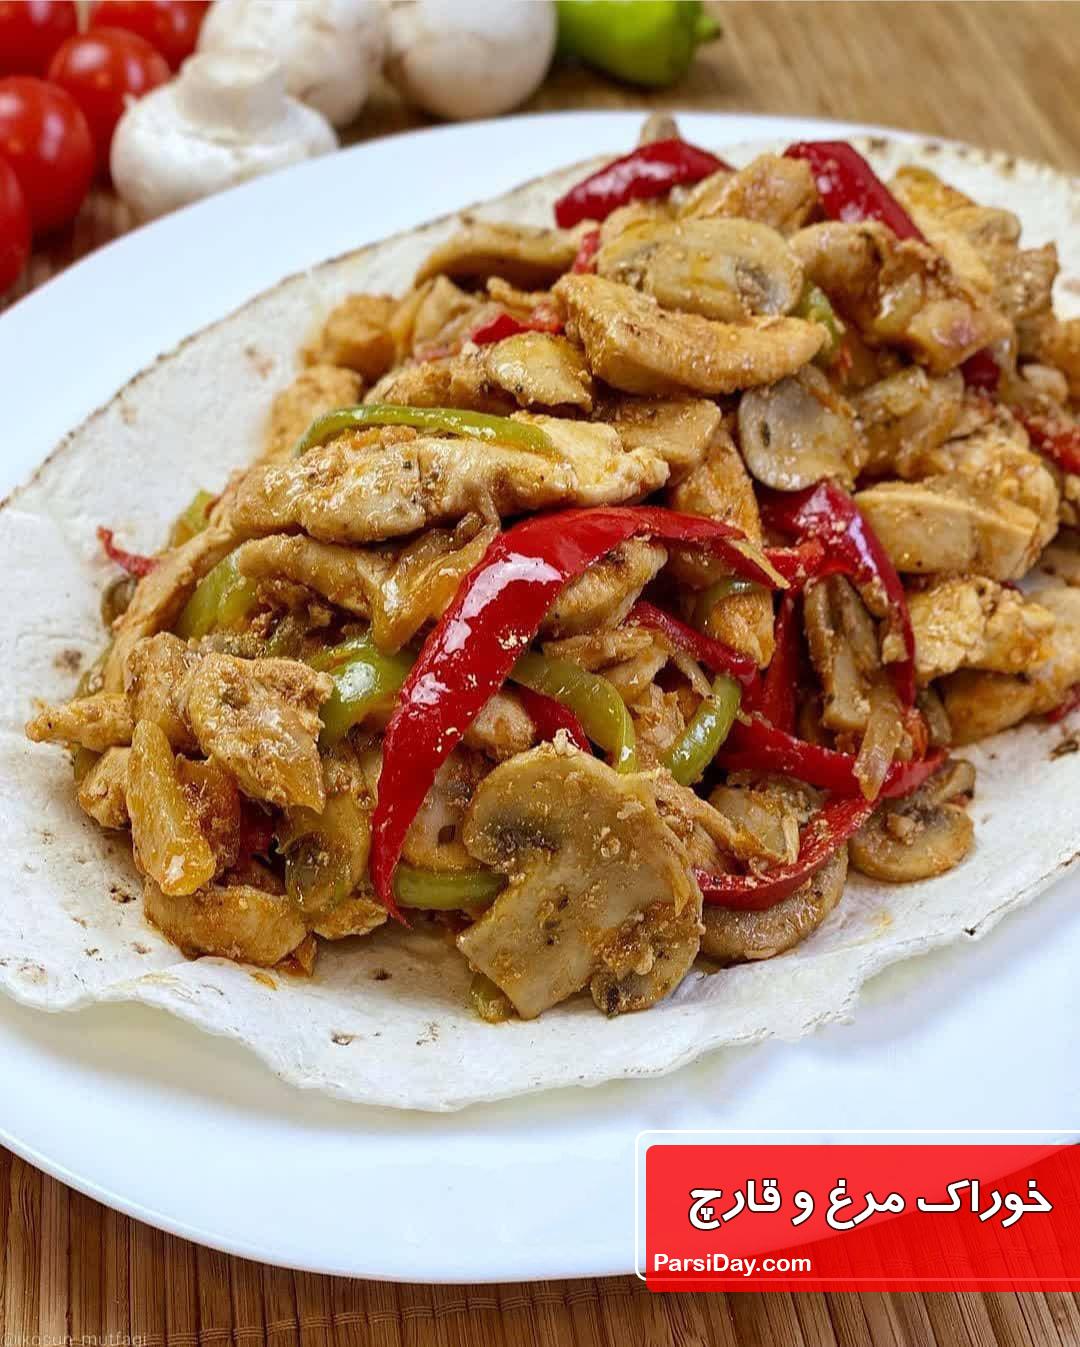 طرز تهیه خوراک مرغ و قارچ